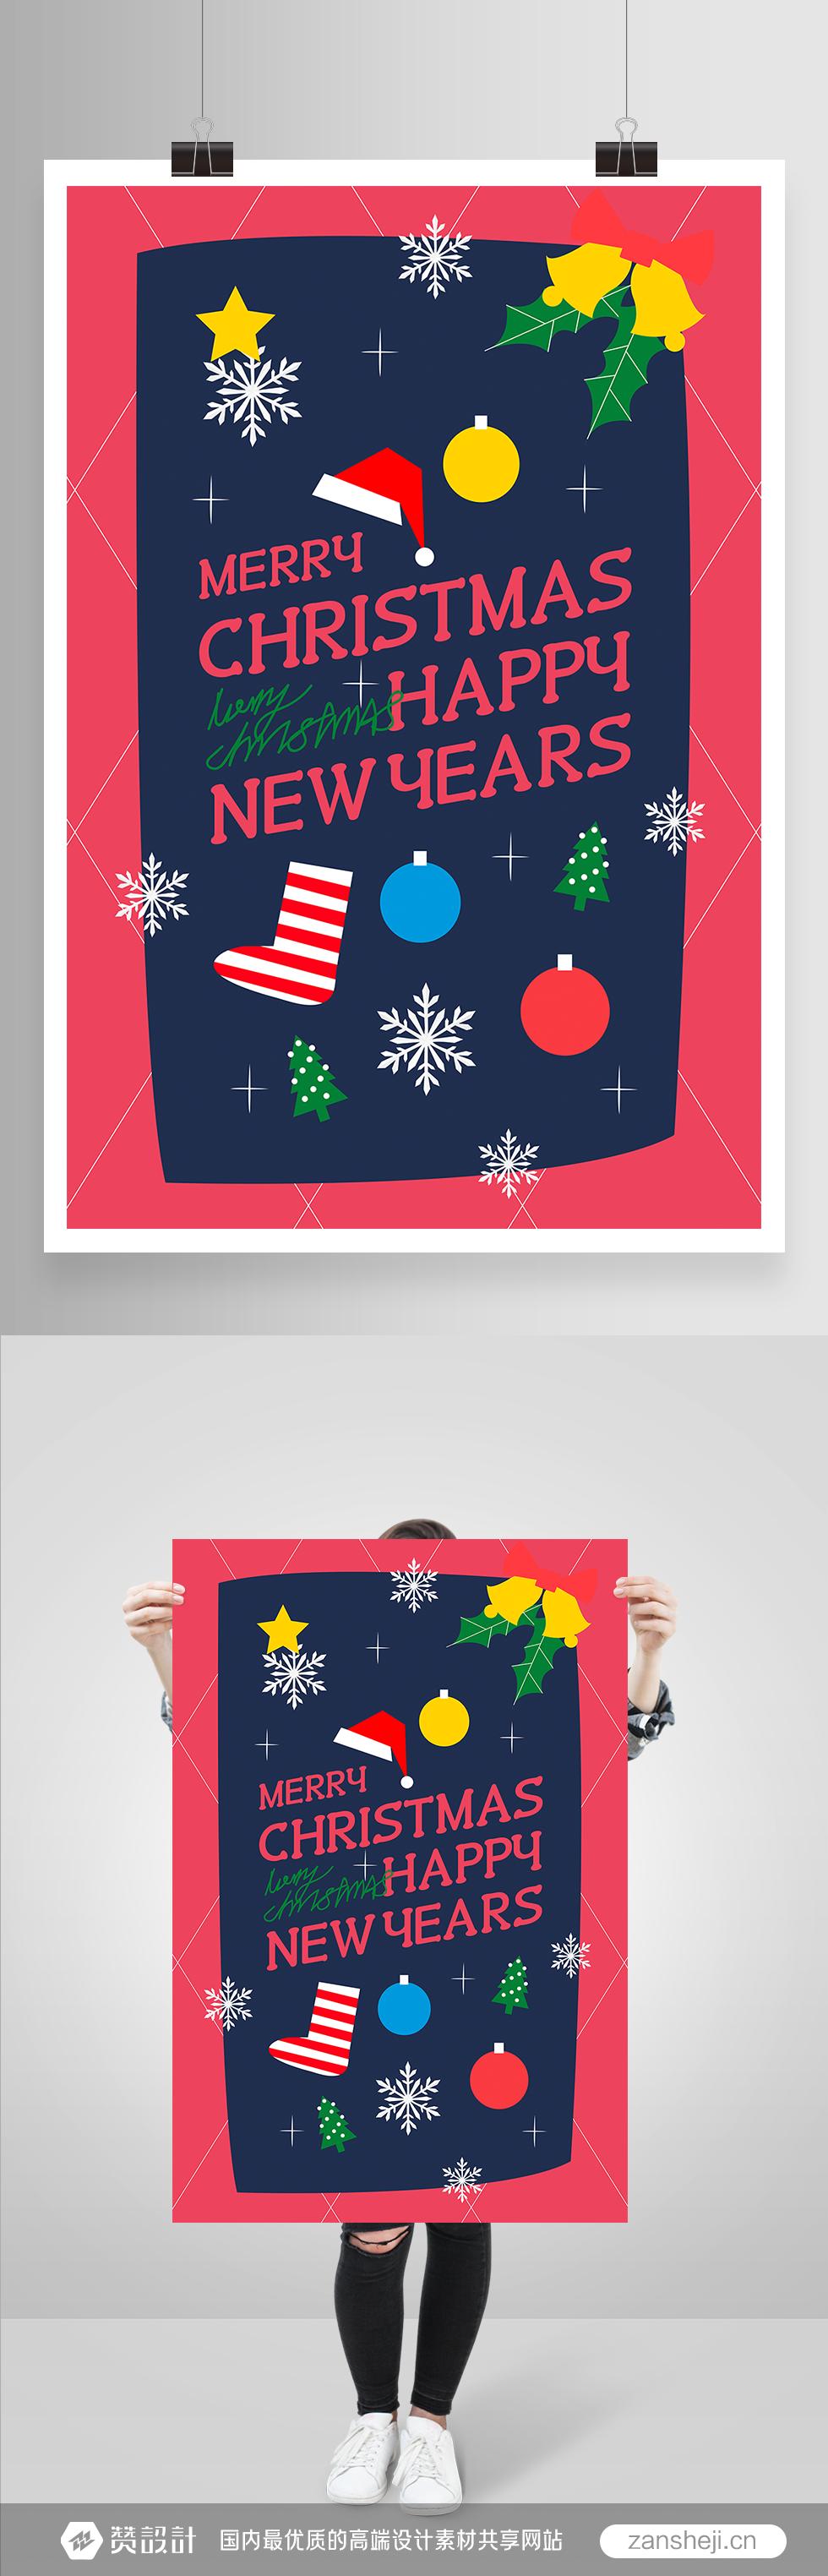 红色简约圣诞节海报